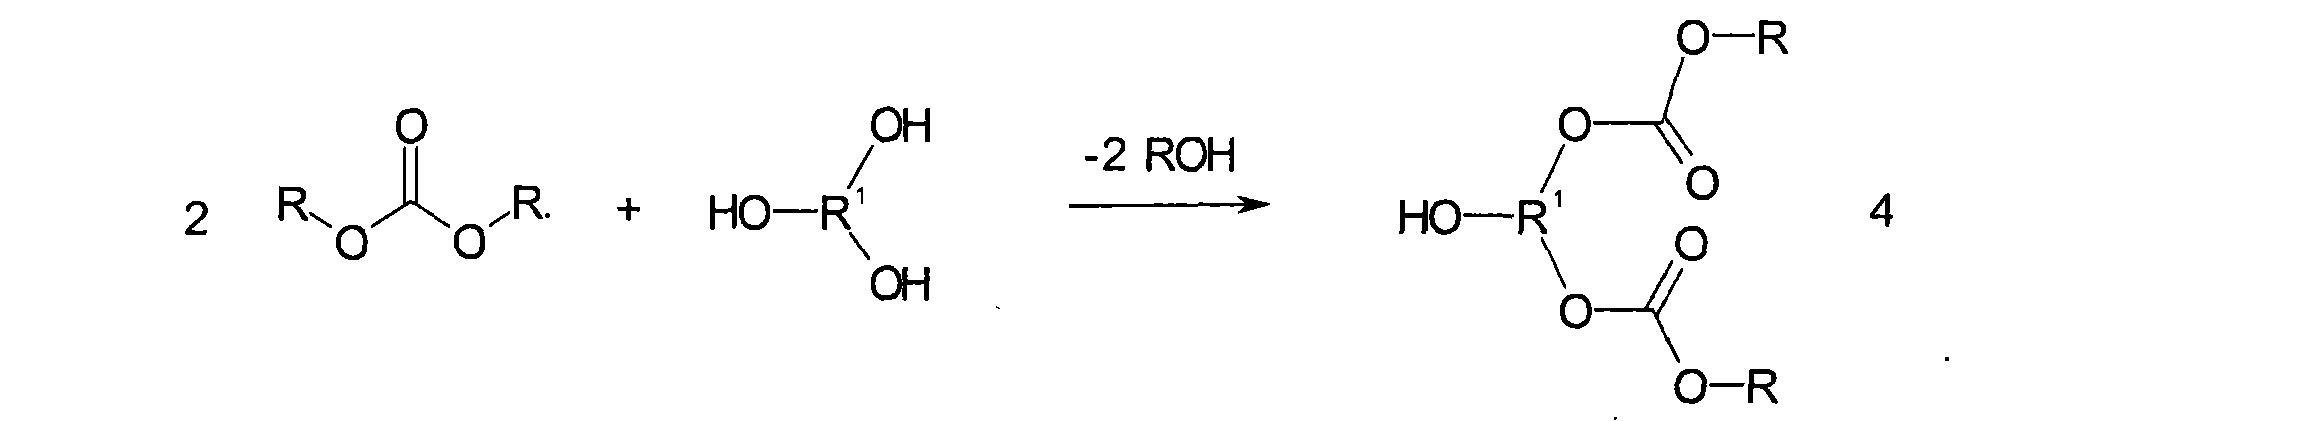 Figure CN101035865BD00101